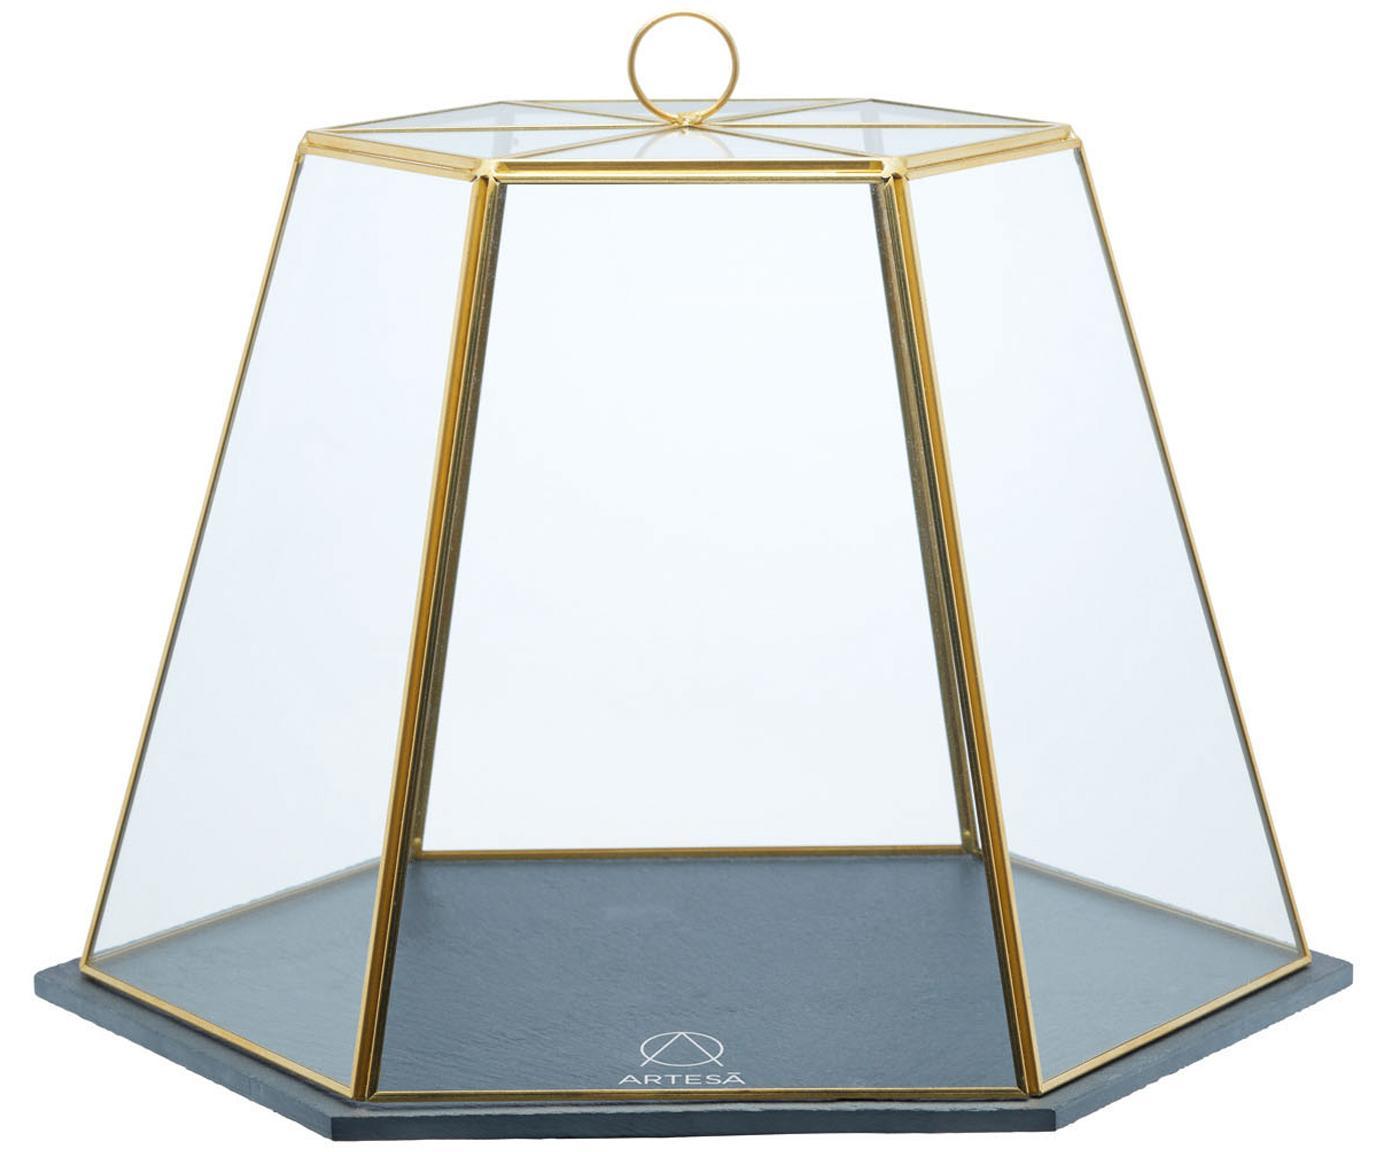 Klosz ze szkła ze złotymi detalami Artesa, Szary, szkło, metal, Odcienie złotego, transparentny, czarny, S 31 x W 25 cm